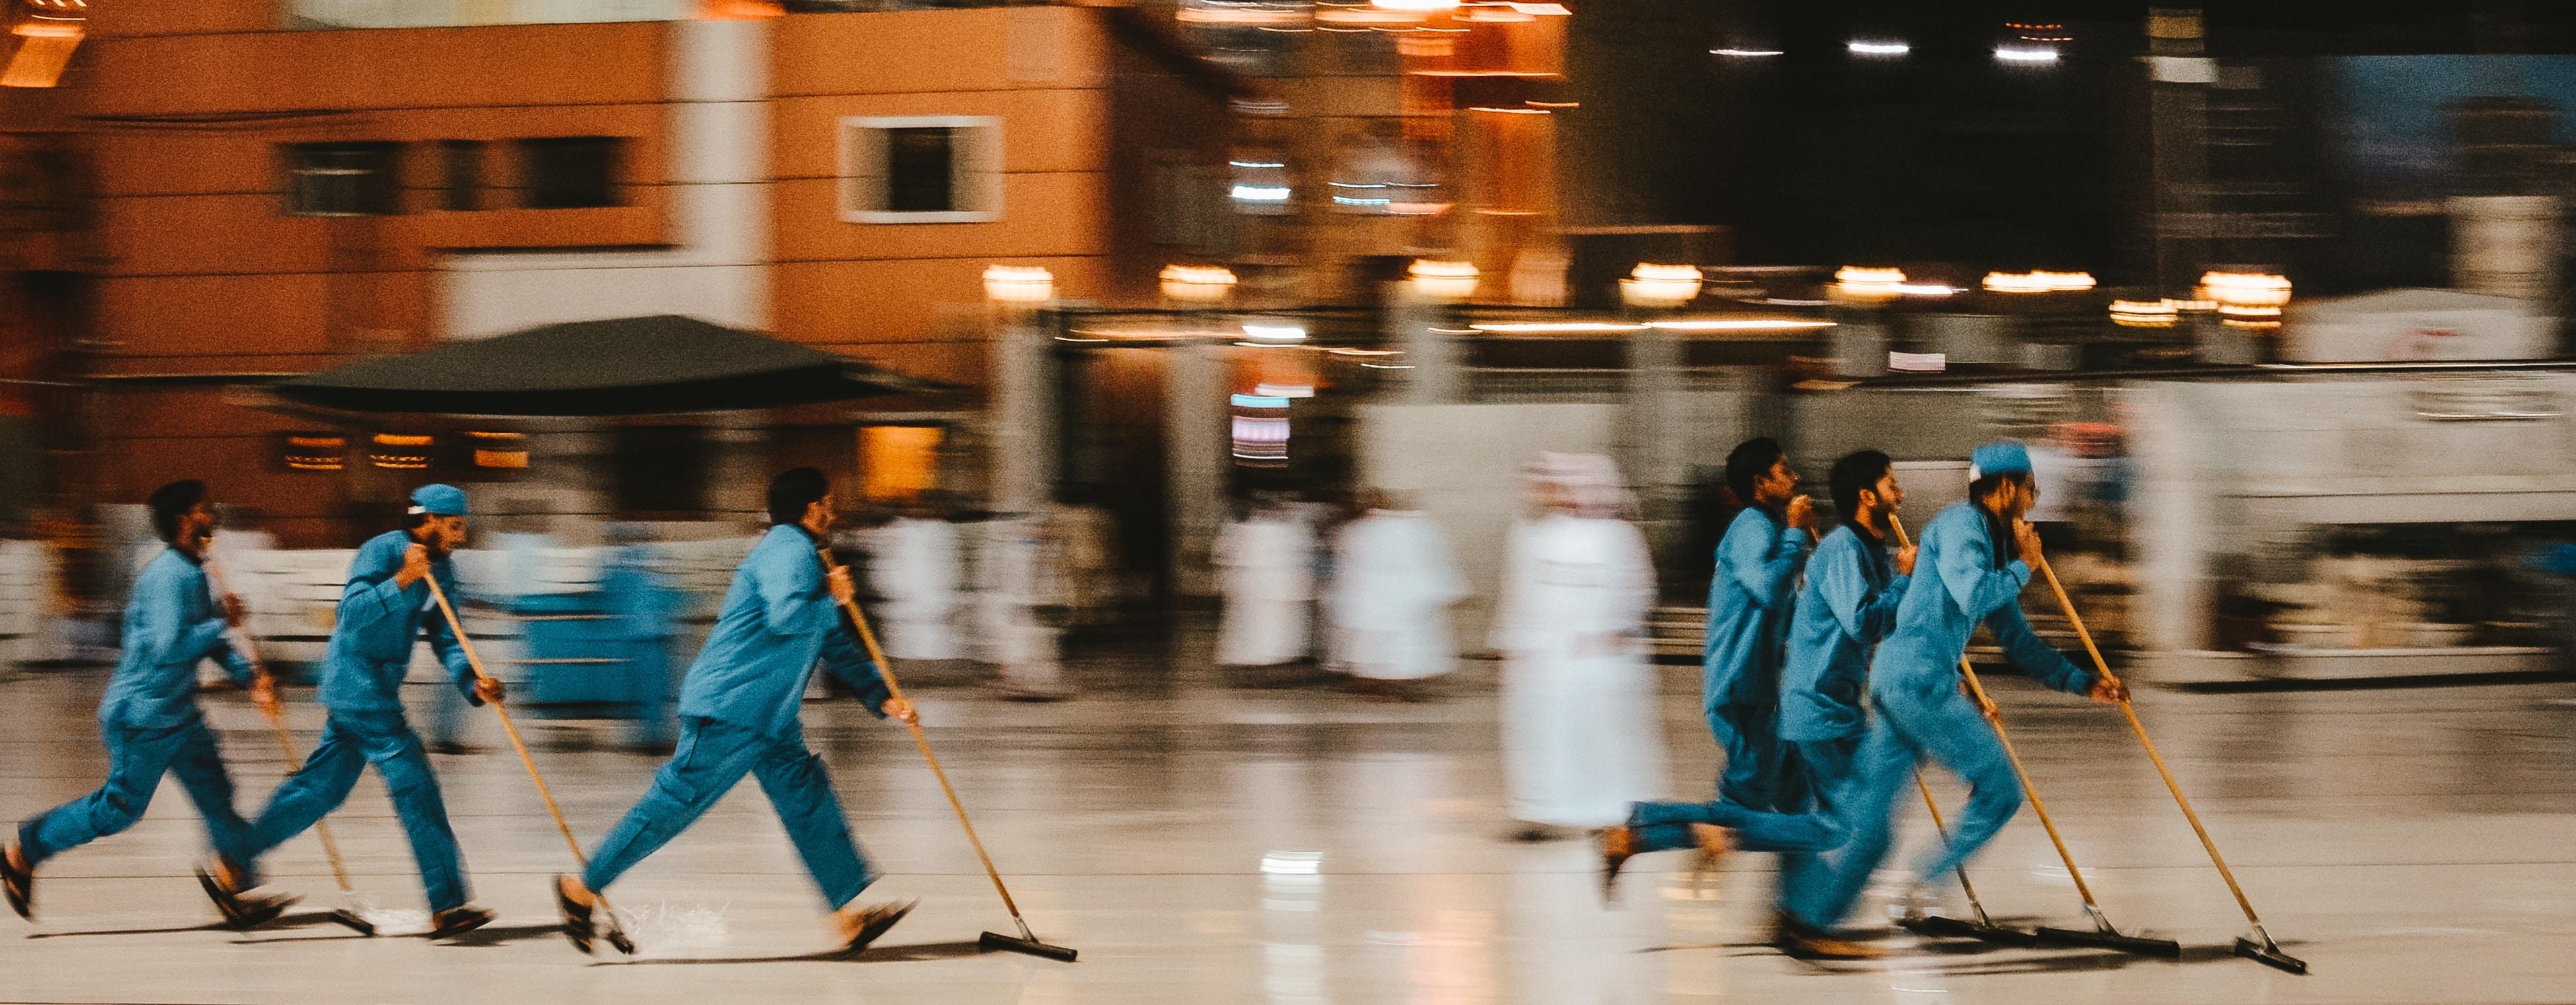 Männer, die eine Halle putzen | www.rabatt-coupon.com